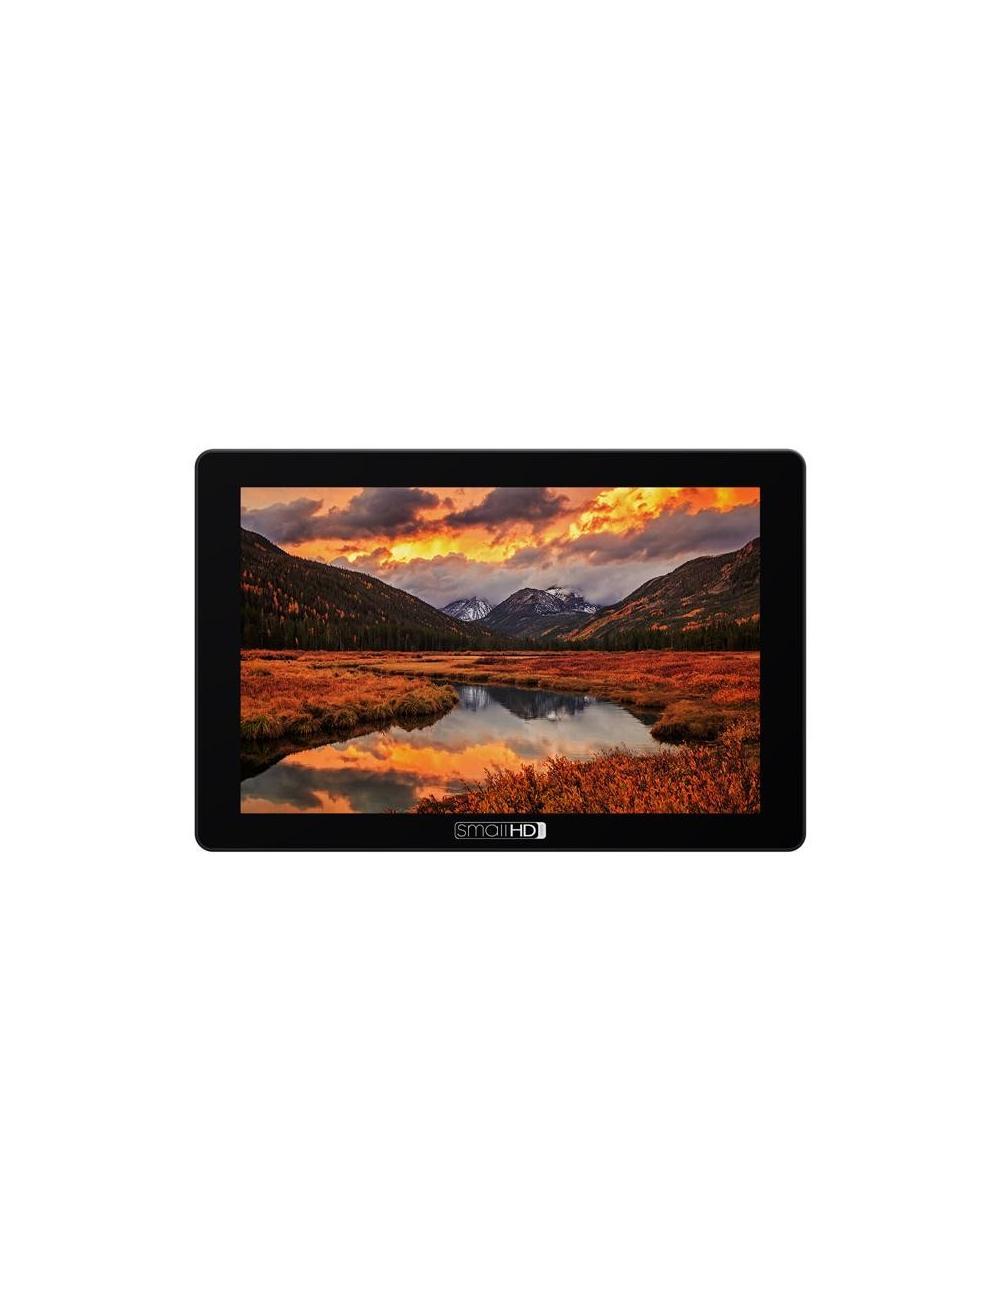 SmallHD Cine 7 Monitor Full HD- DCI-P3 Color